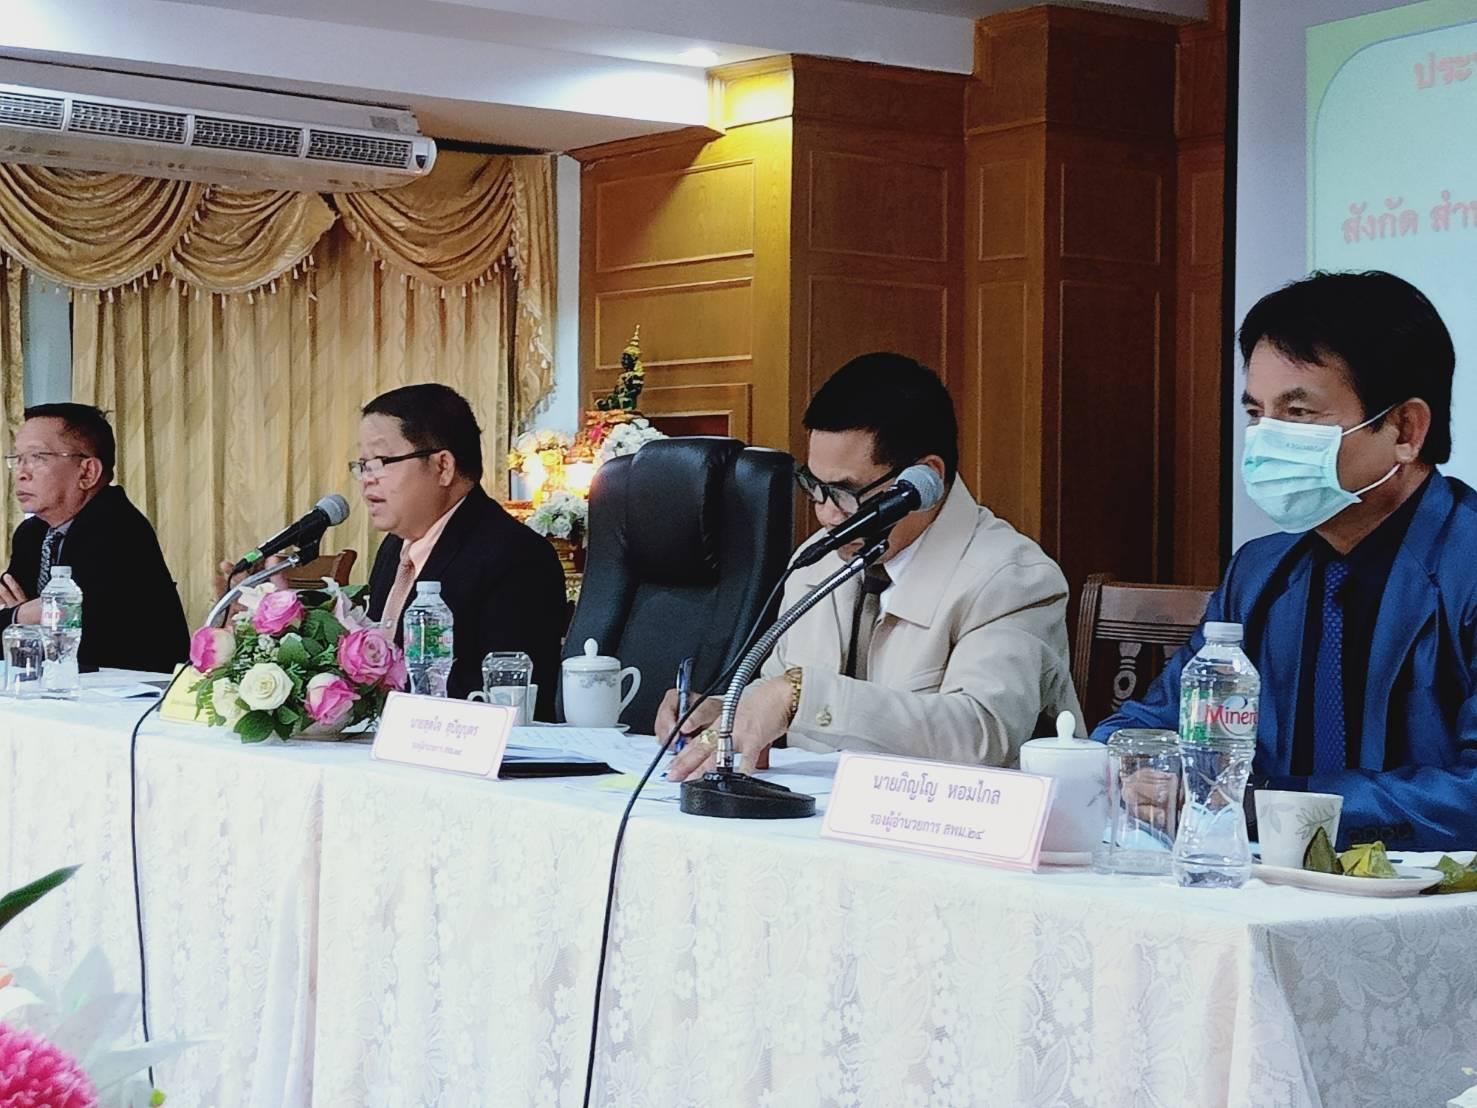 ประชุมผู้บริหารสำนักงาน และผู้อำนวยการสถานศึกษาในสังกัด ครั้งที่ 1/2564